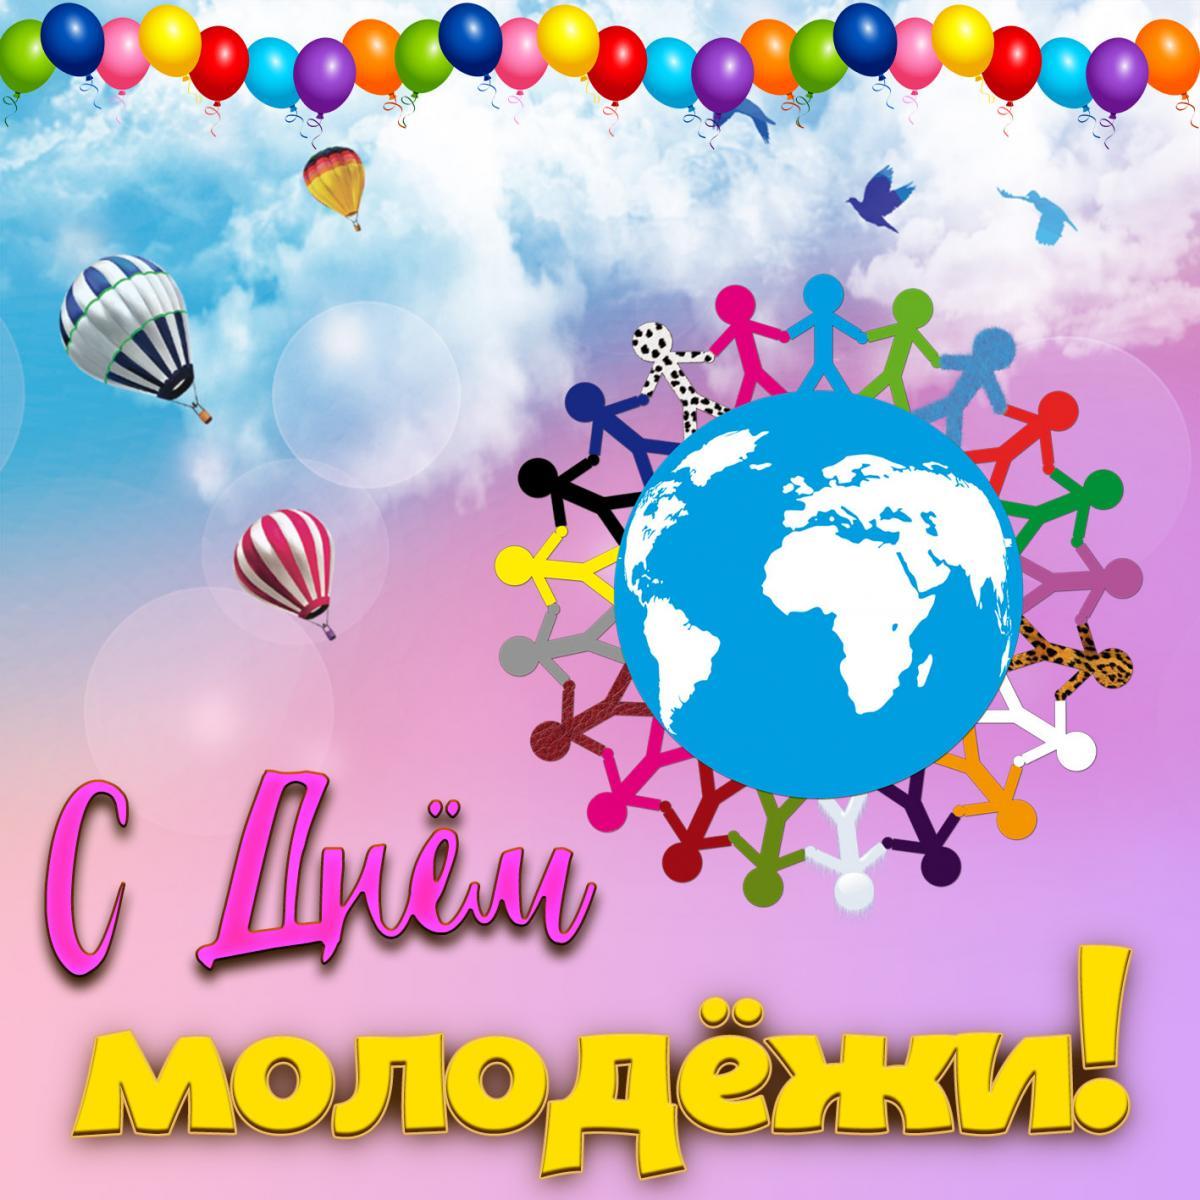 Поздравления с Днем молодежи / vjoy.cc